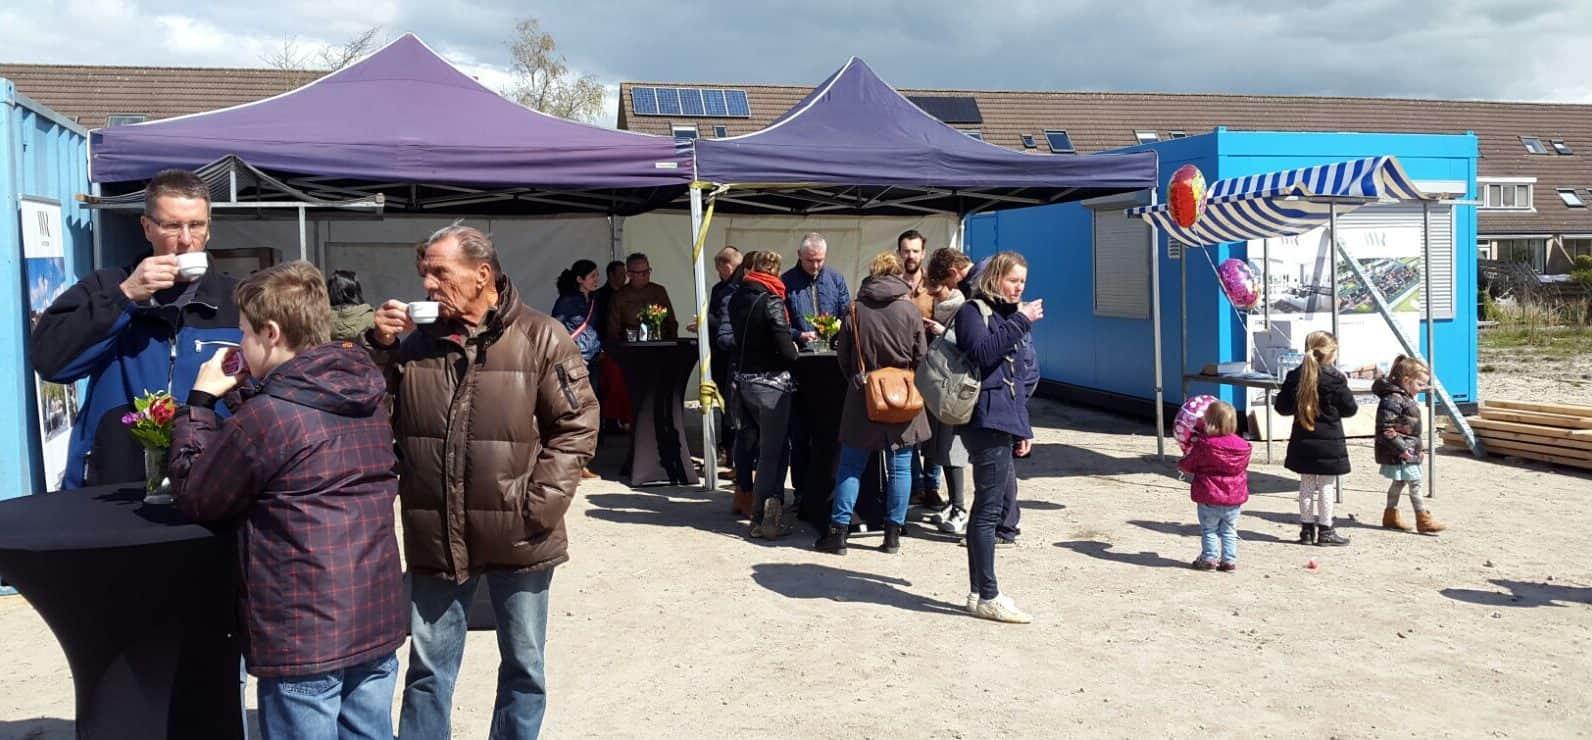 Kijkdag Waterrijk Boskoop - Smit's Bouwbedrijf (4)